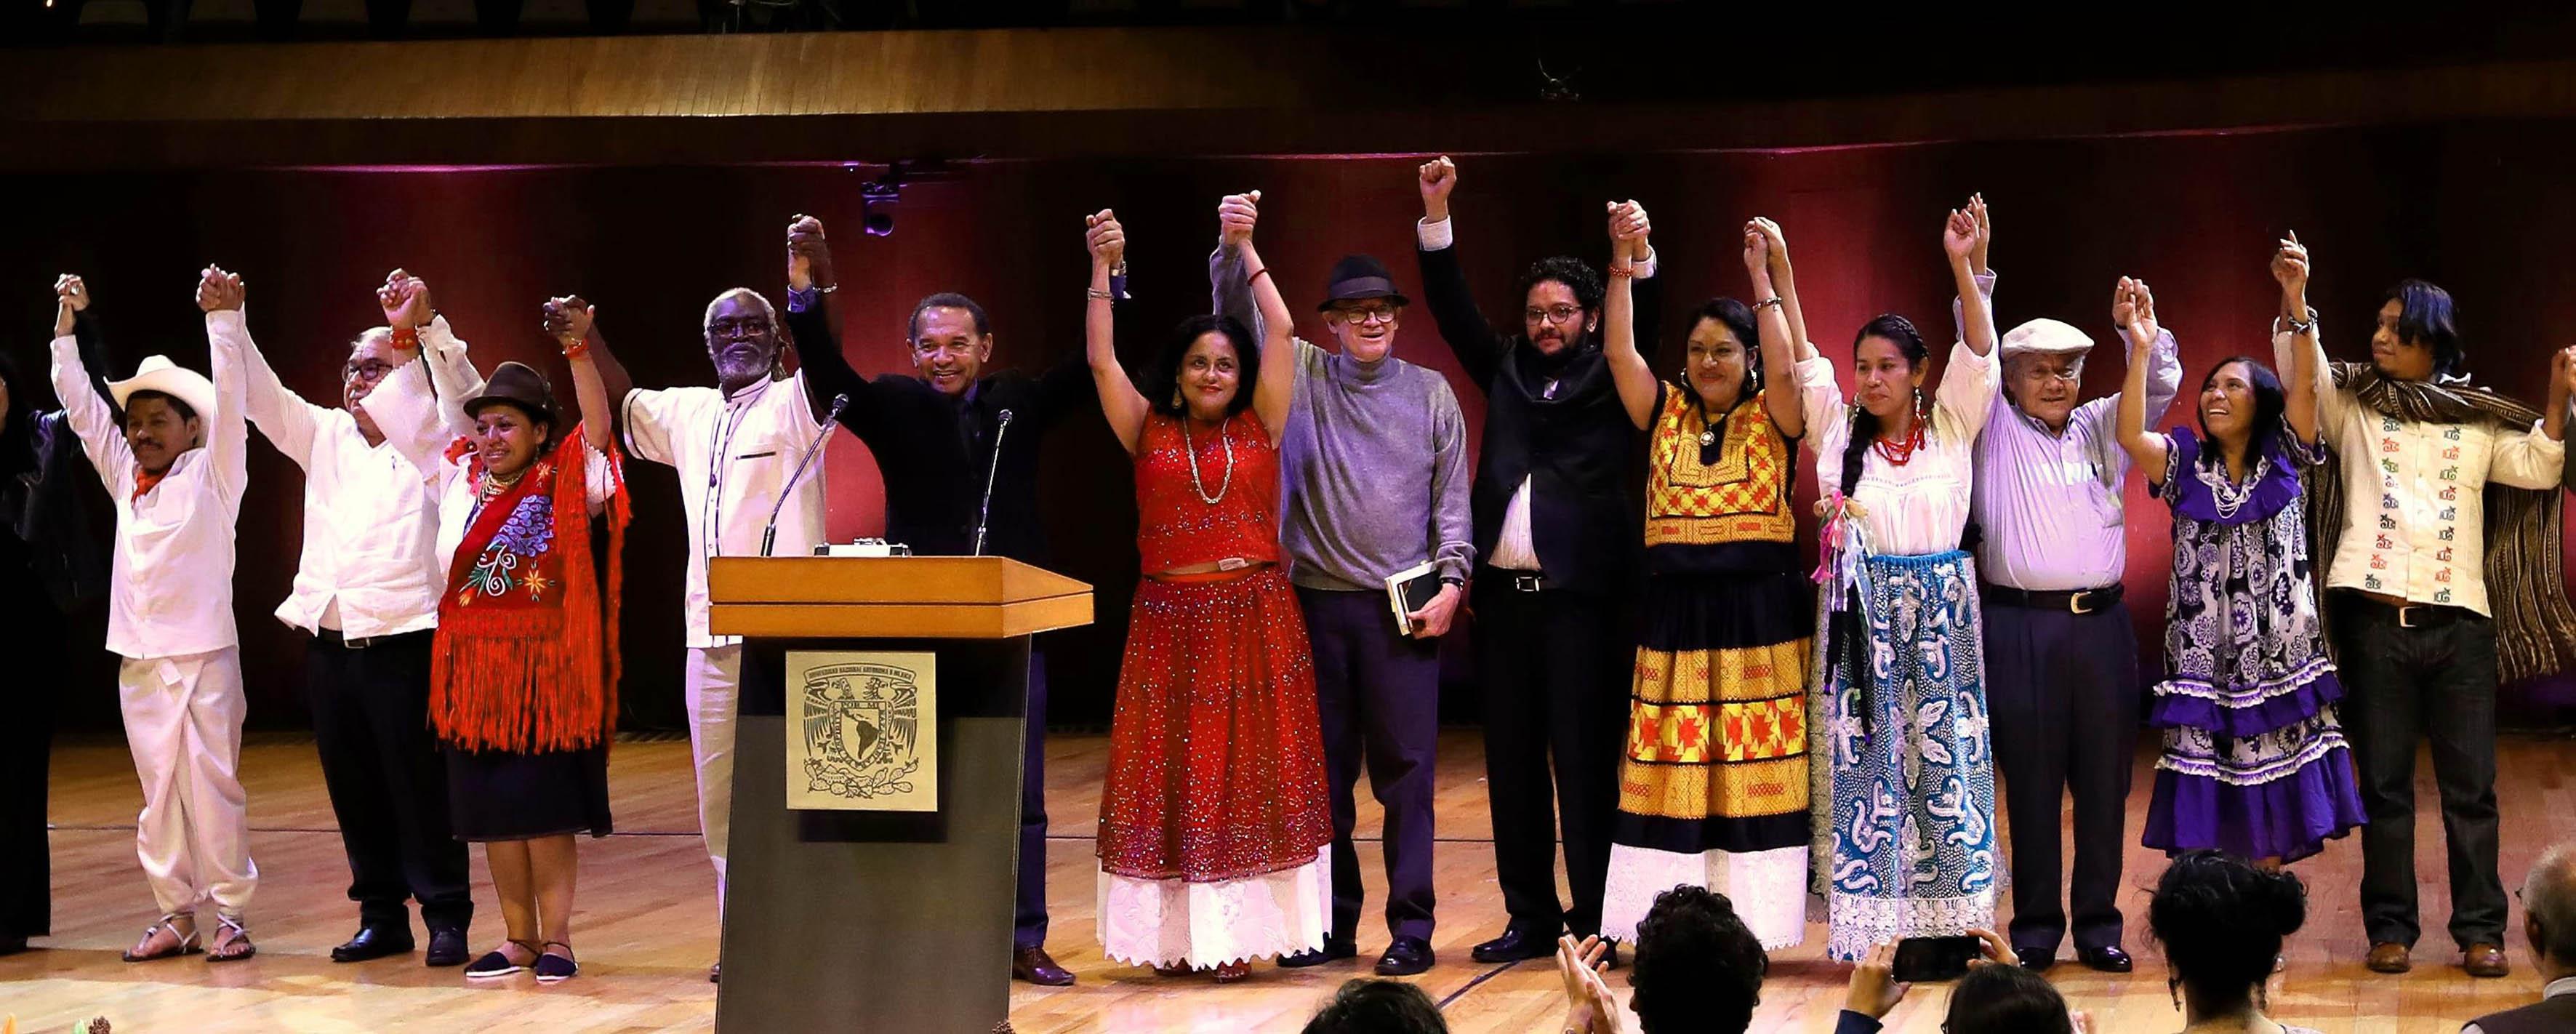 LA RECONSTRUCCIÓN DE MÉXICO EMPIEZA DESDE LAS ZONAS INDÍGENAS DEL PAÍS: JOSÉ DEL VAL